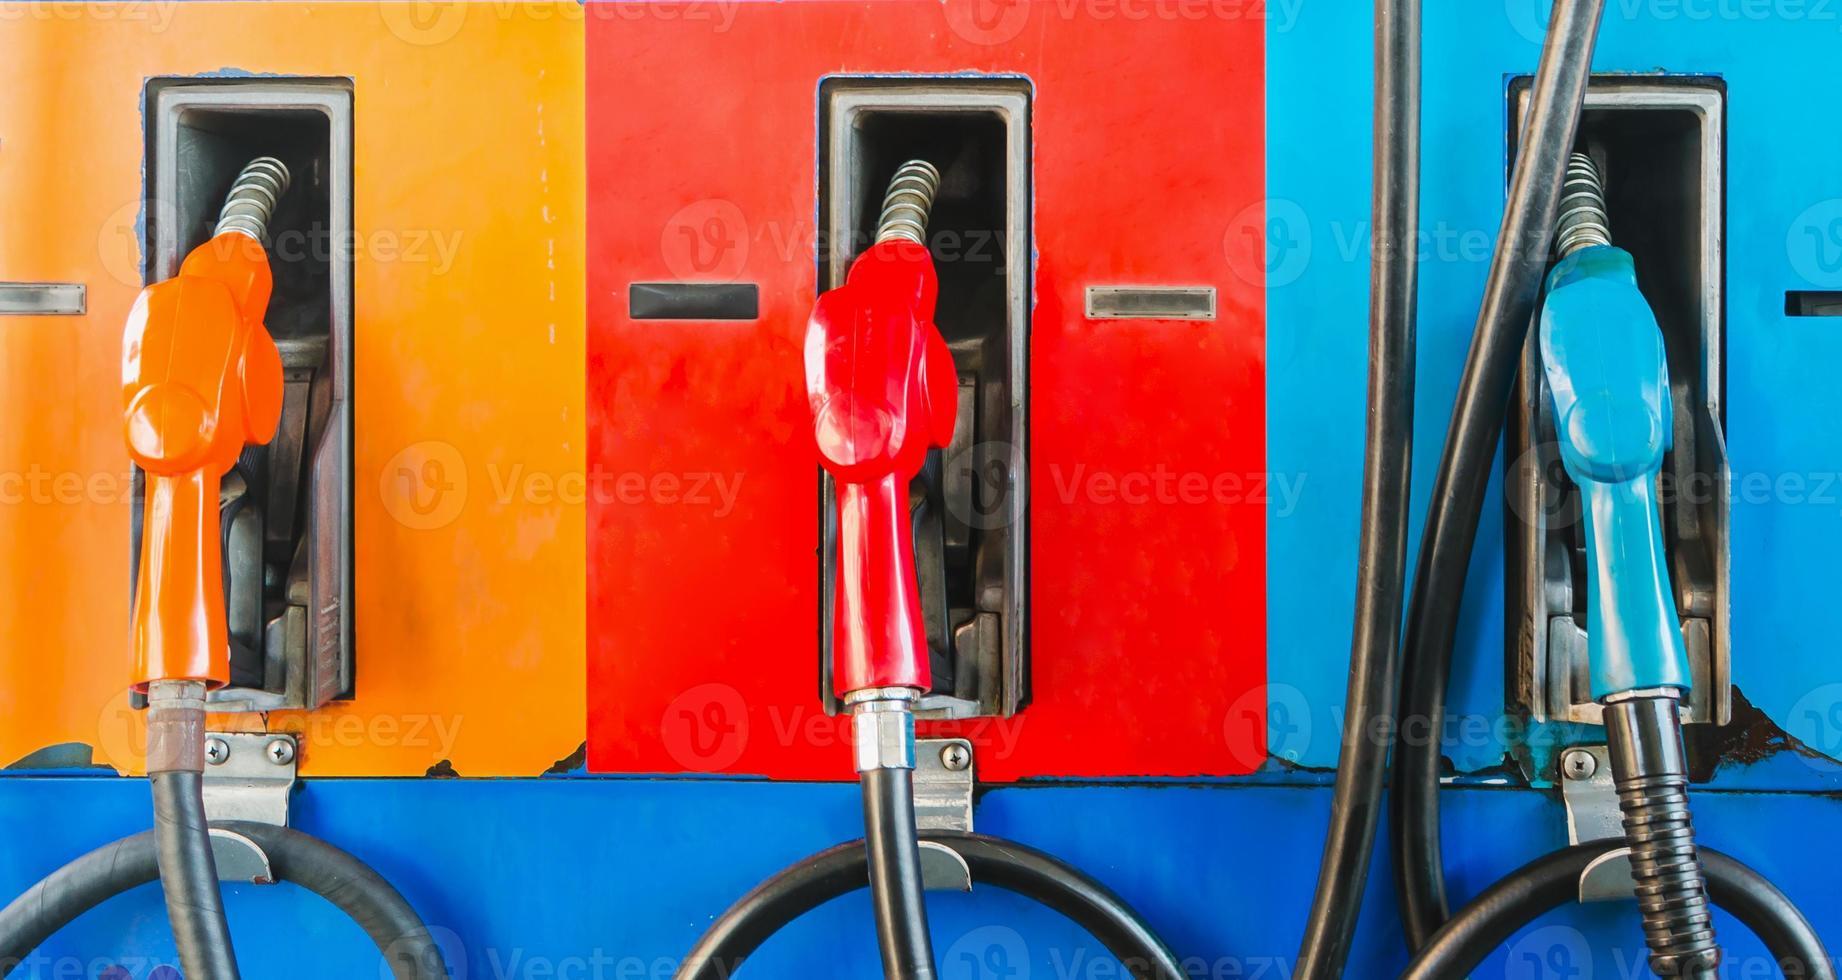 distributeur d'essence photo